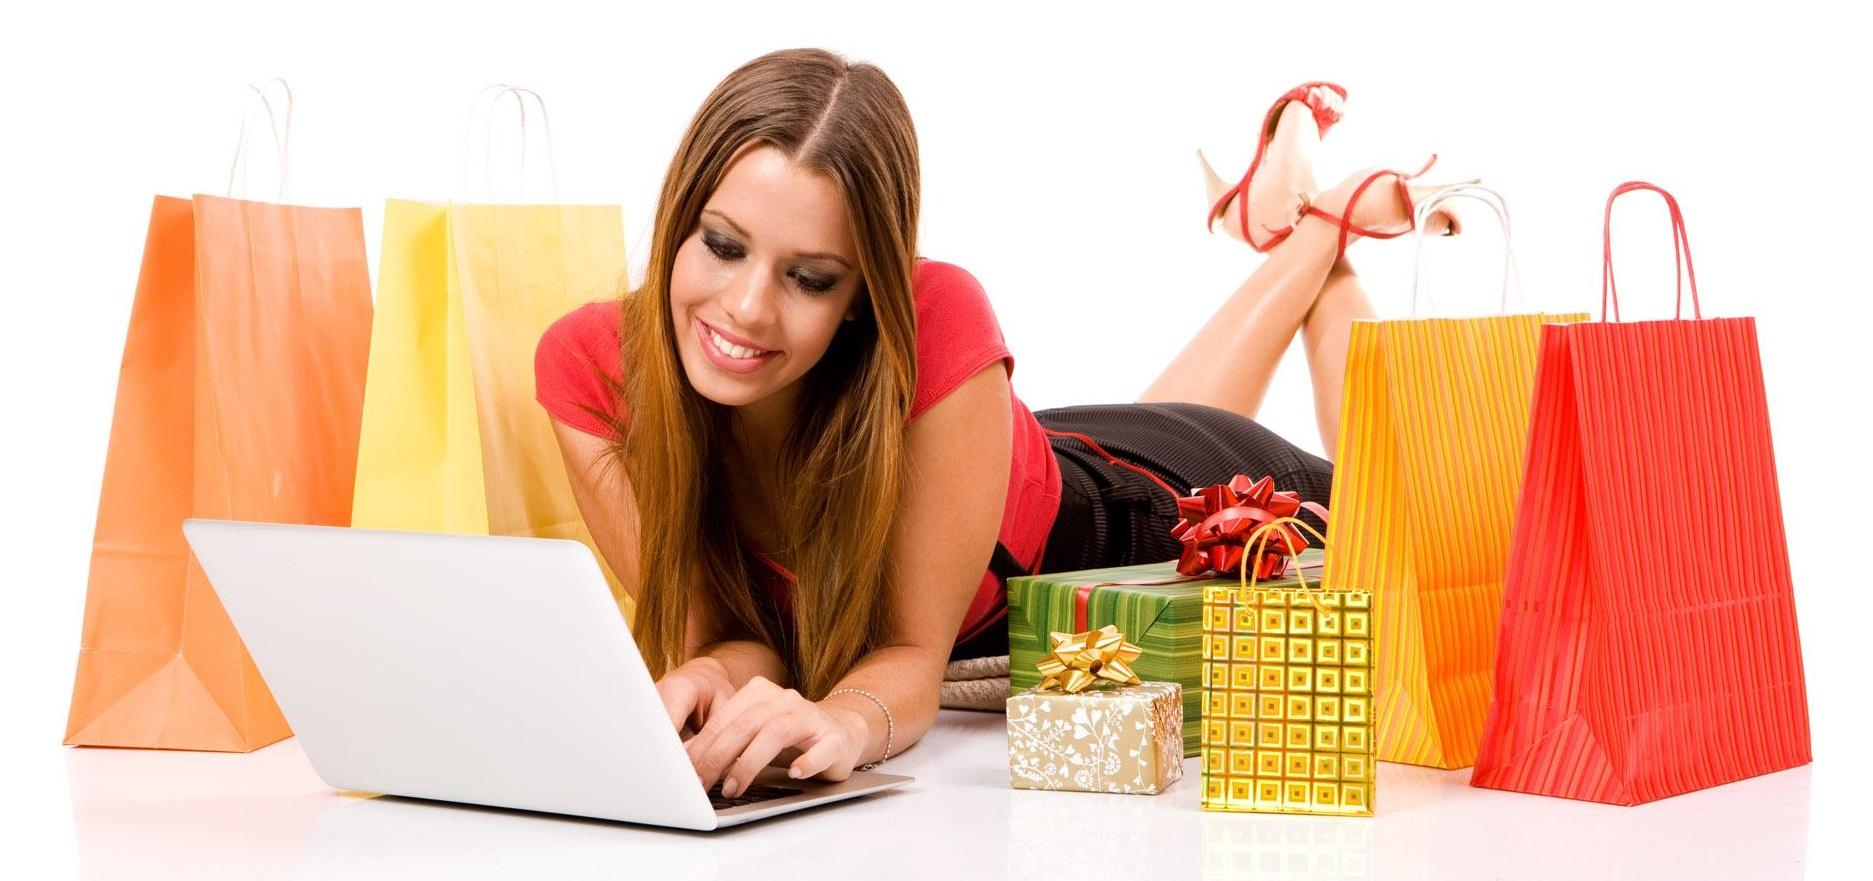 תמונת אשה עם קניות של מתנות